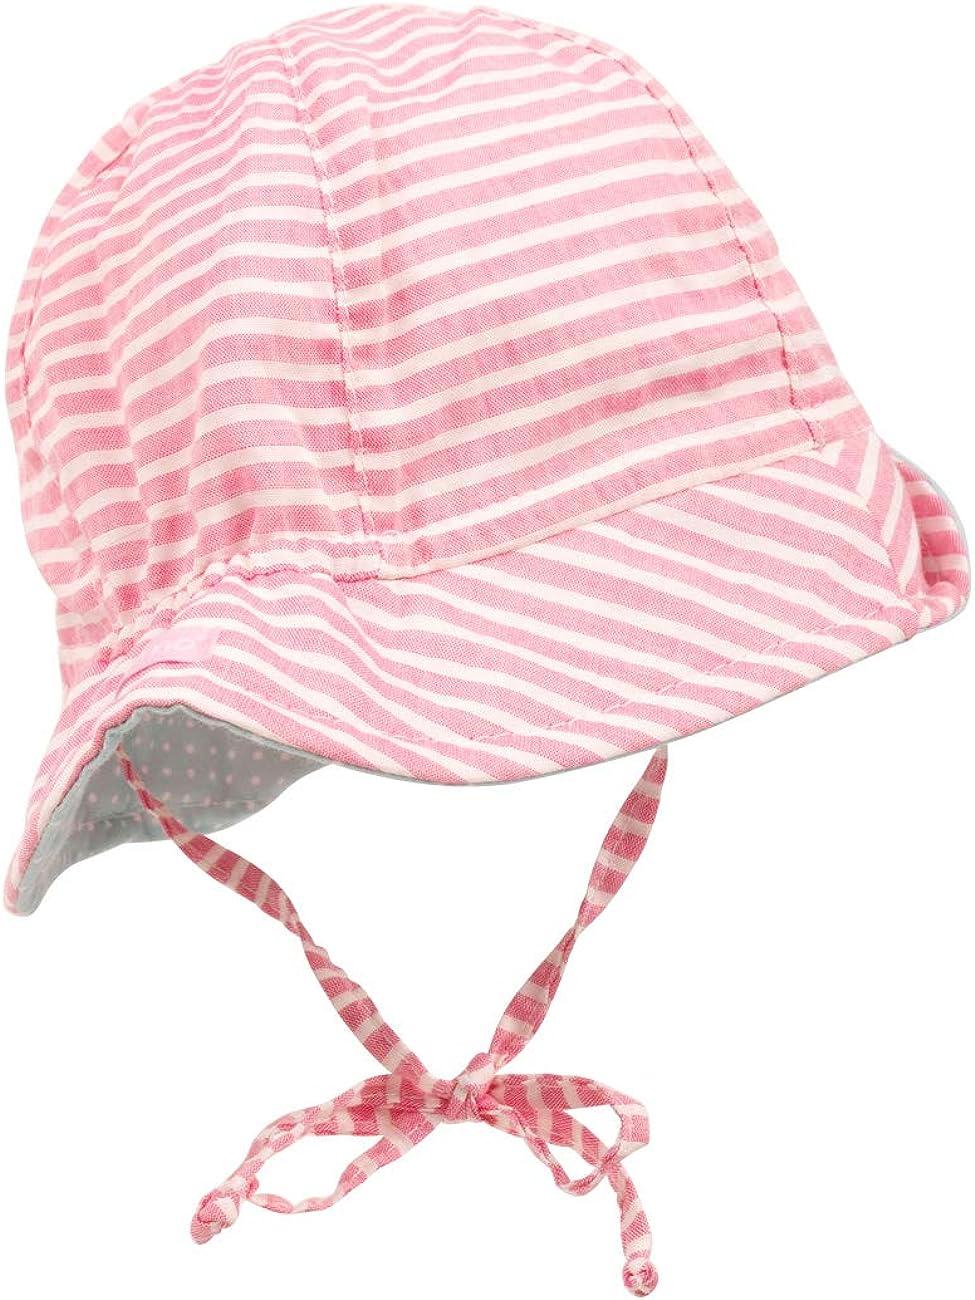 maximo Hut Chapeau De Soleil B/éb/é Fille